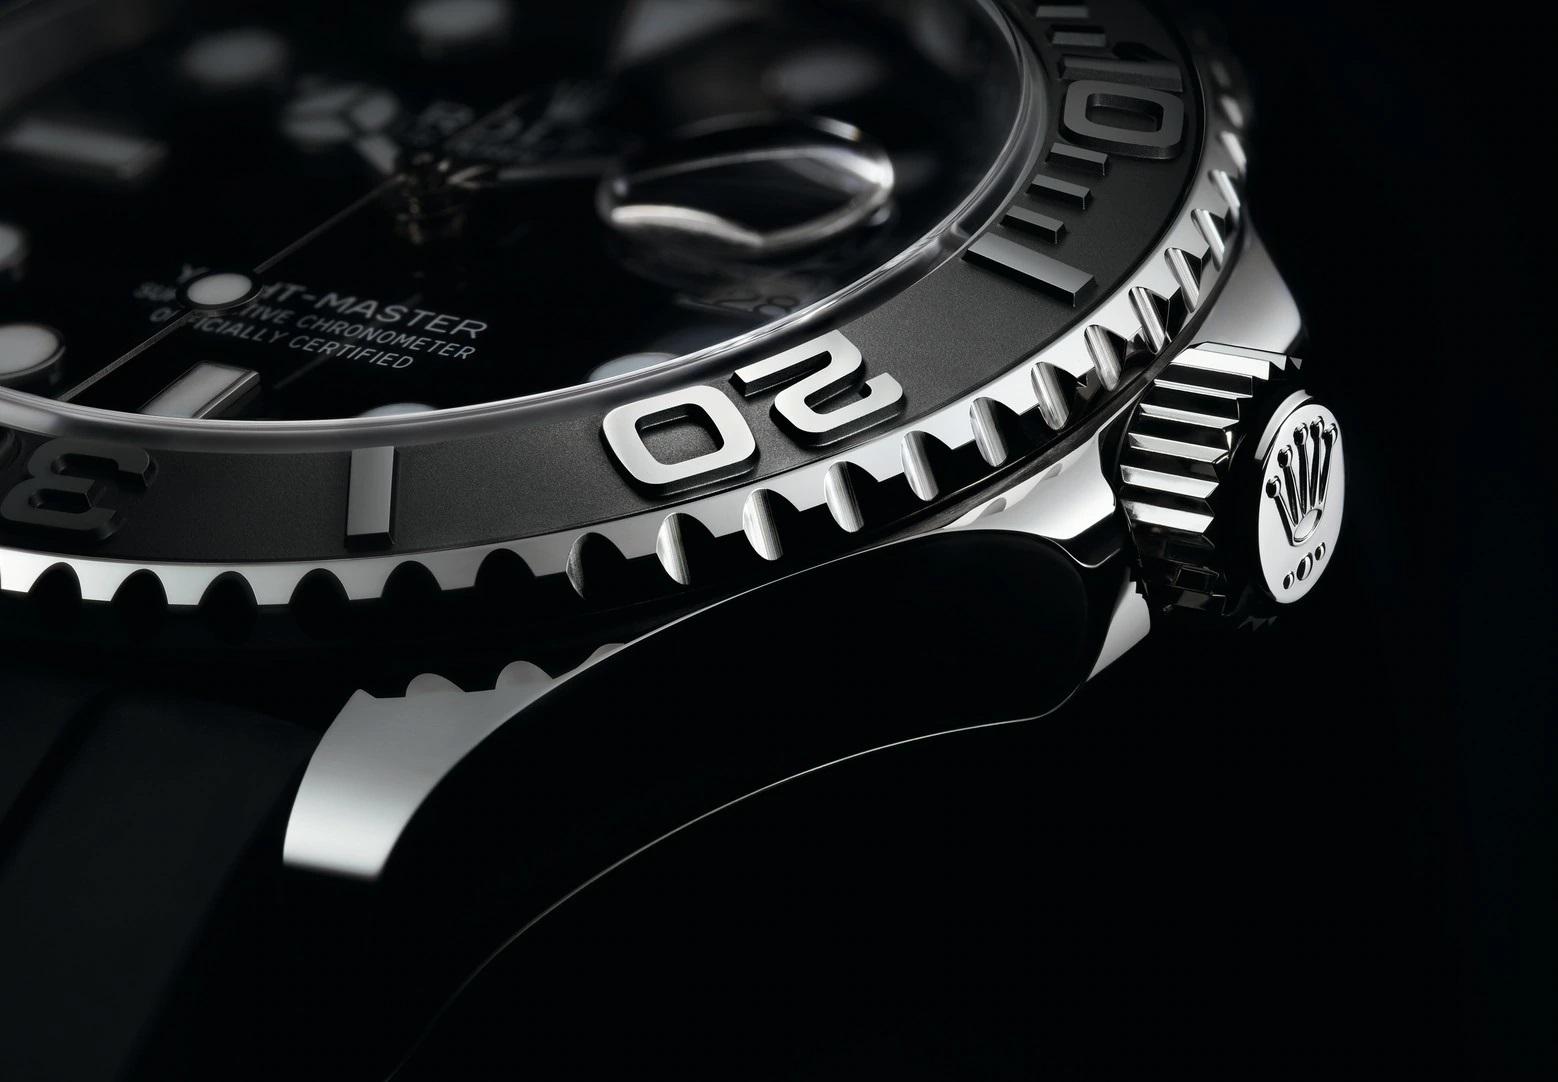 Yacht-Master 42, el reloj náutico de Rolex que triunfa este año